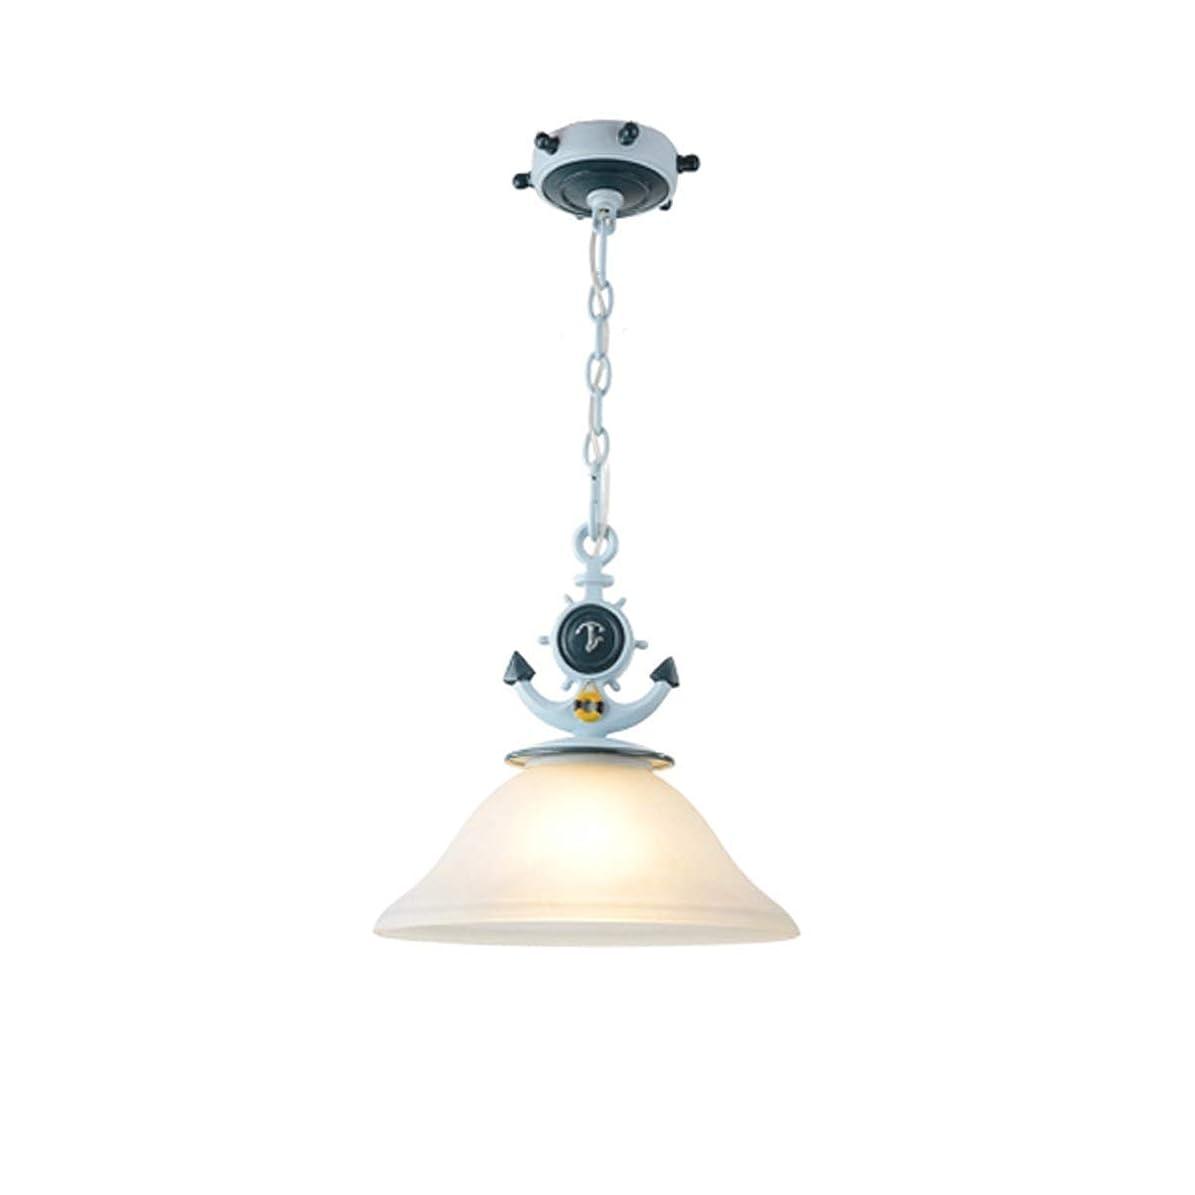 スーパーマーケットラフトデンプシーDDZDX 調光スイッチコードカラフルな手作り地中海シェードティファニースタイルのアンティークシャンデリア装飾ペンダント電球は含まれていません